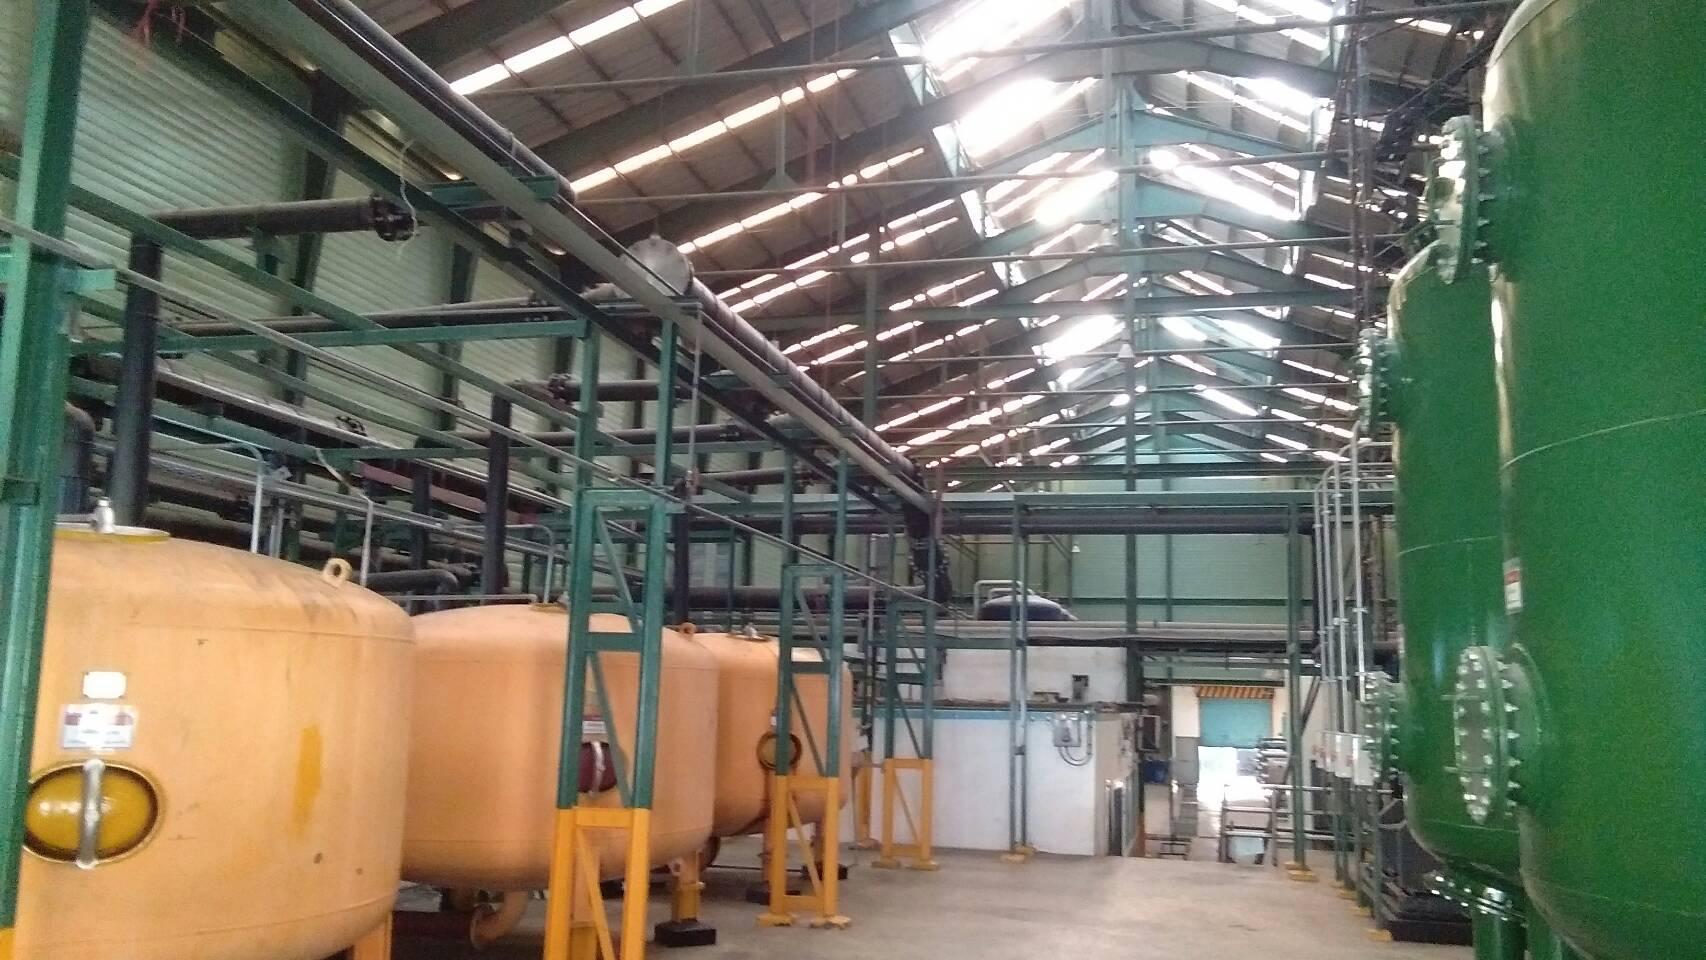 Project โรงงานเบียร์ช้าง